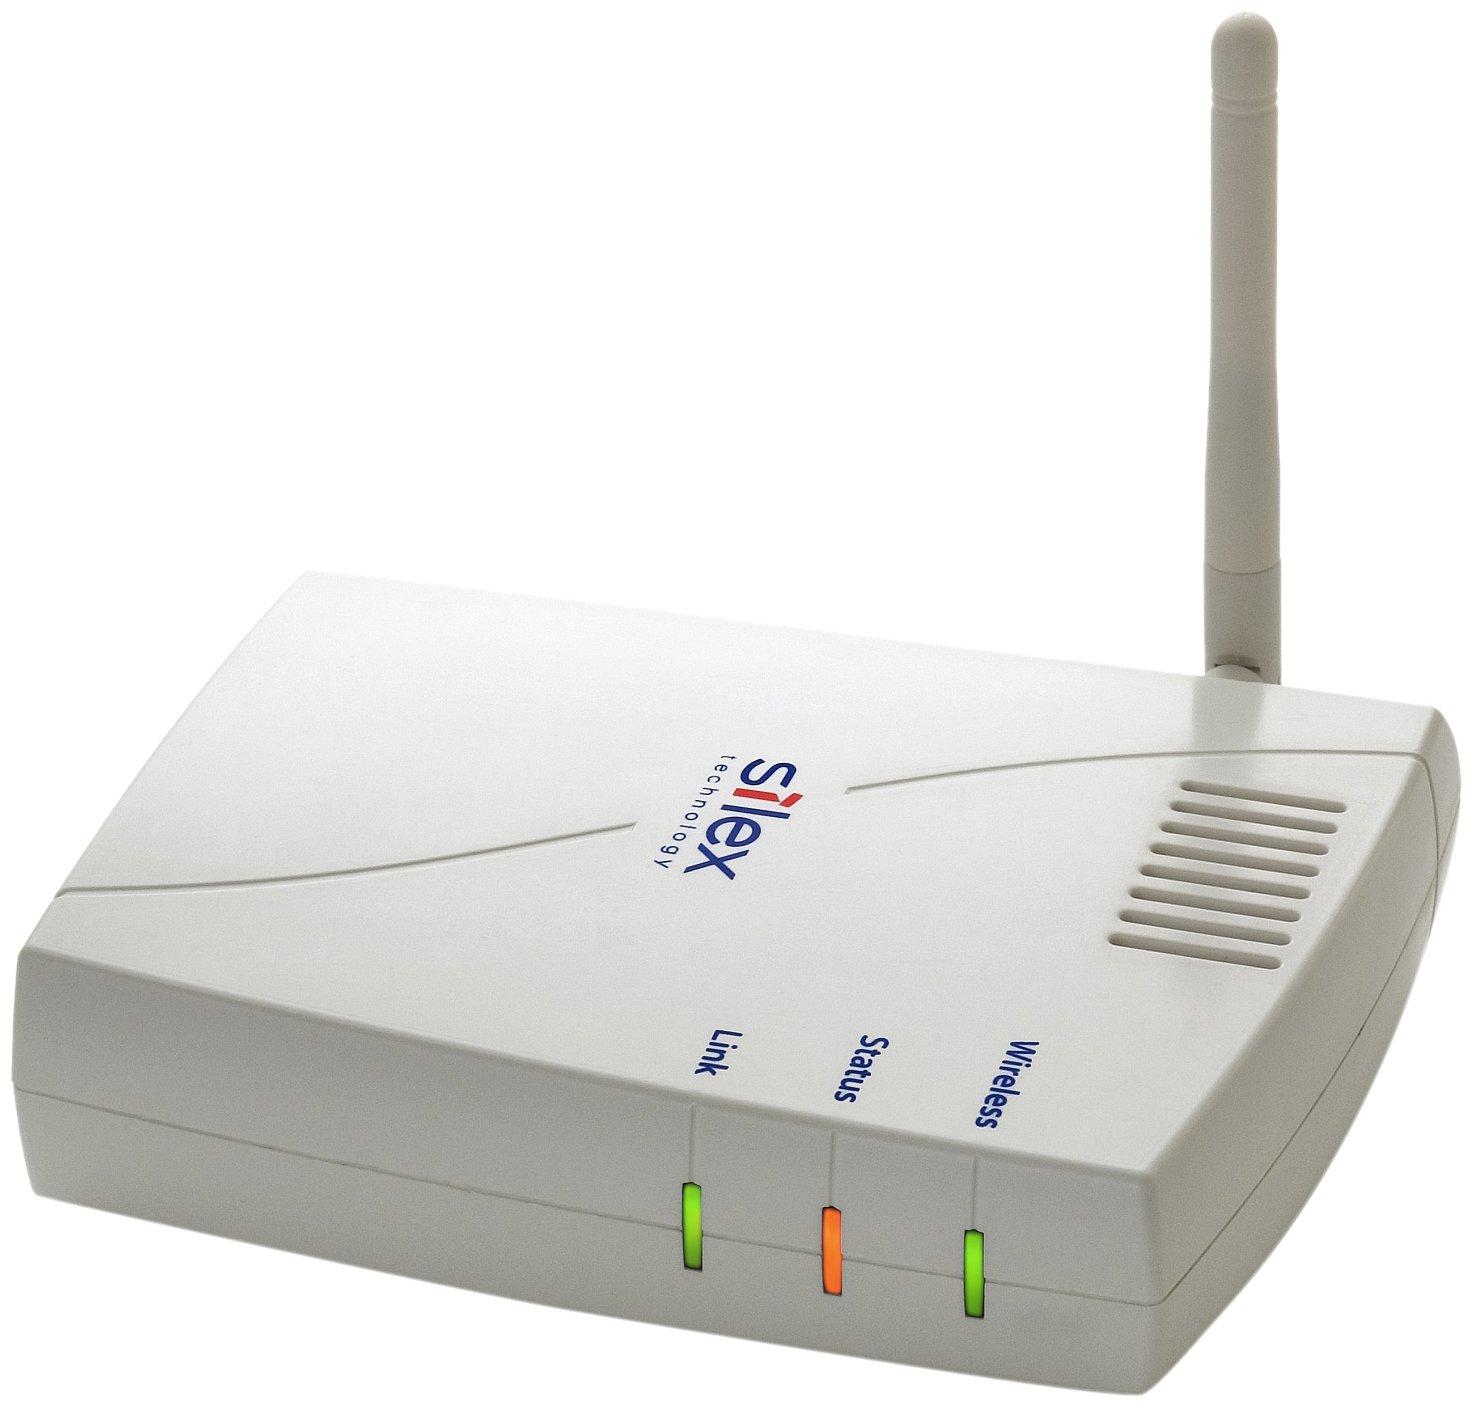 Silex SX-2500CG Wireless Ethernet Adapter: Amazon.de: Computer & Zubehör